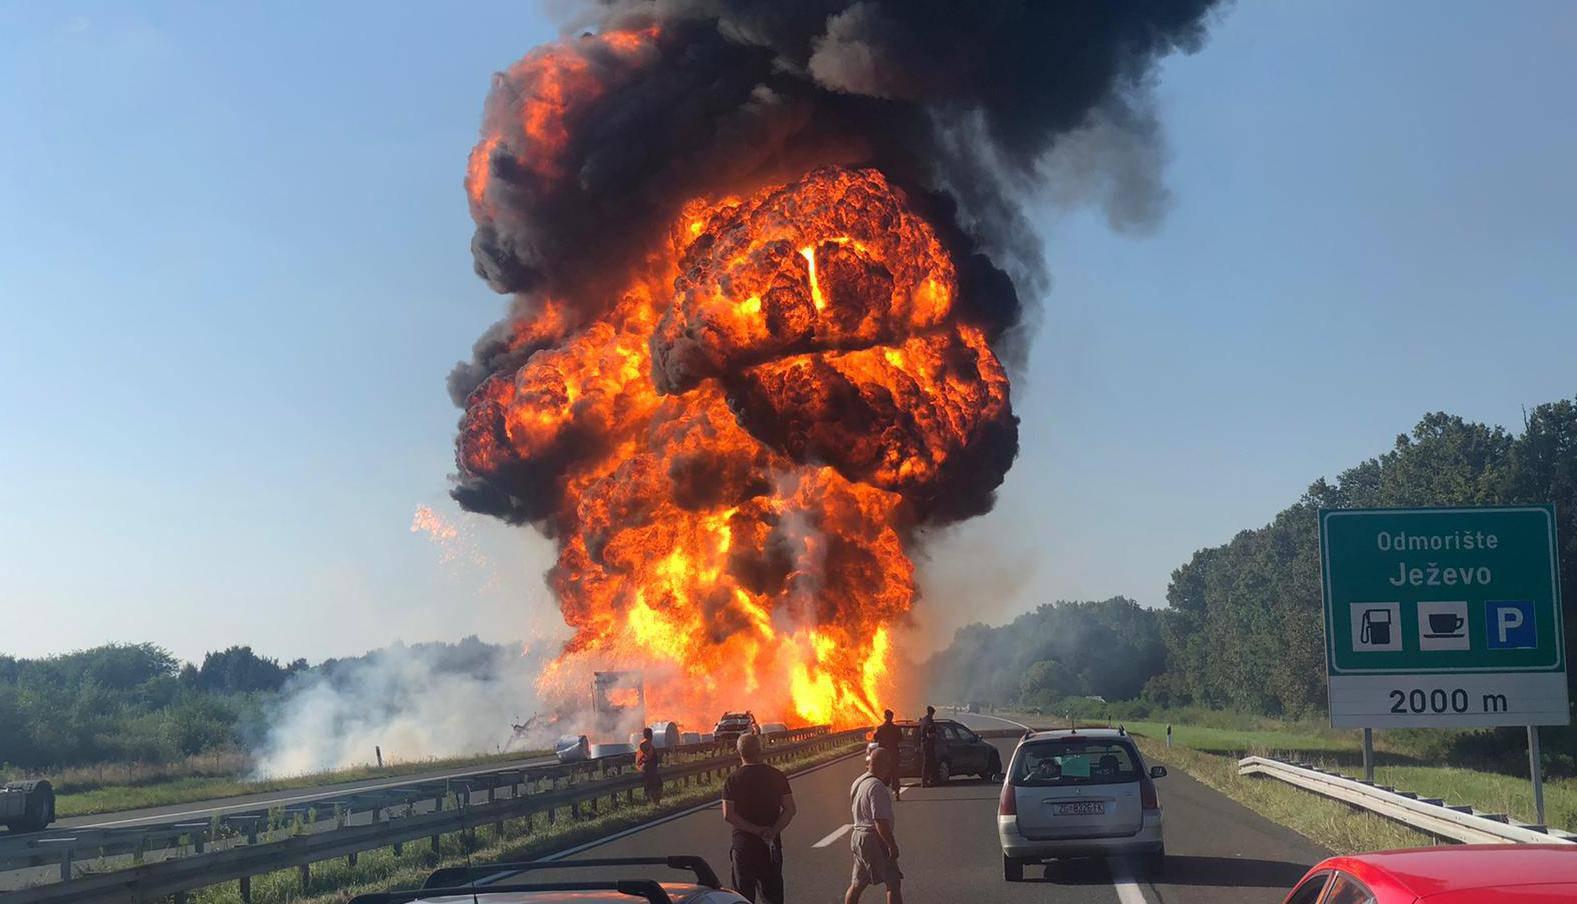 Vatra guta kamione, odjekuju eksplozije, autocesta blokirana